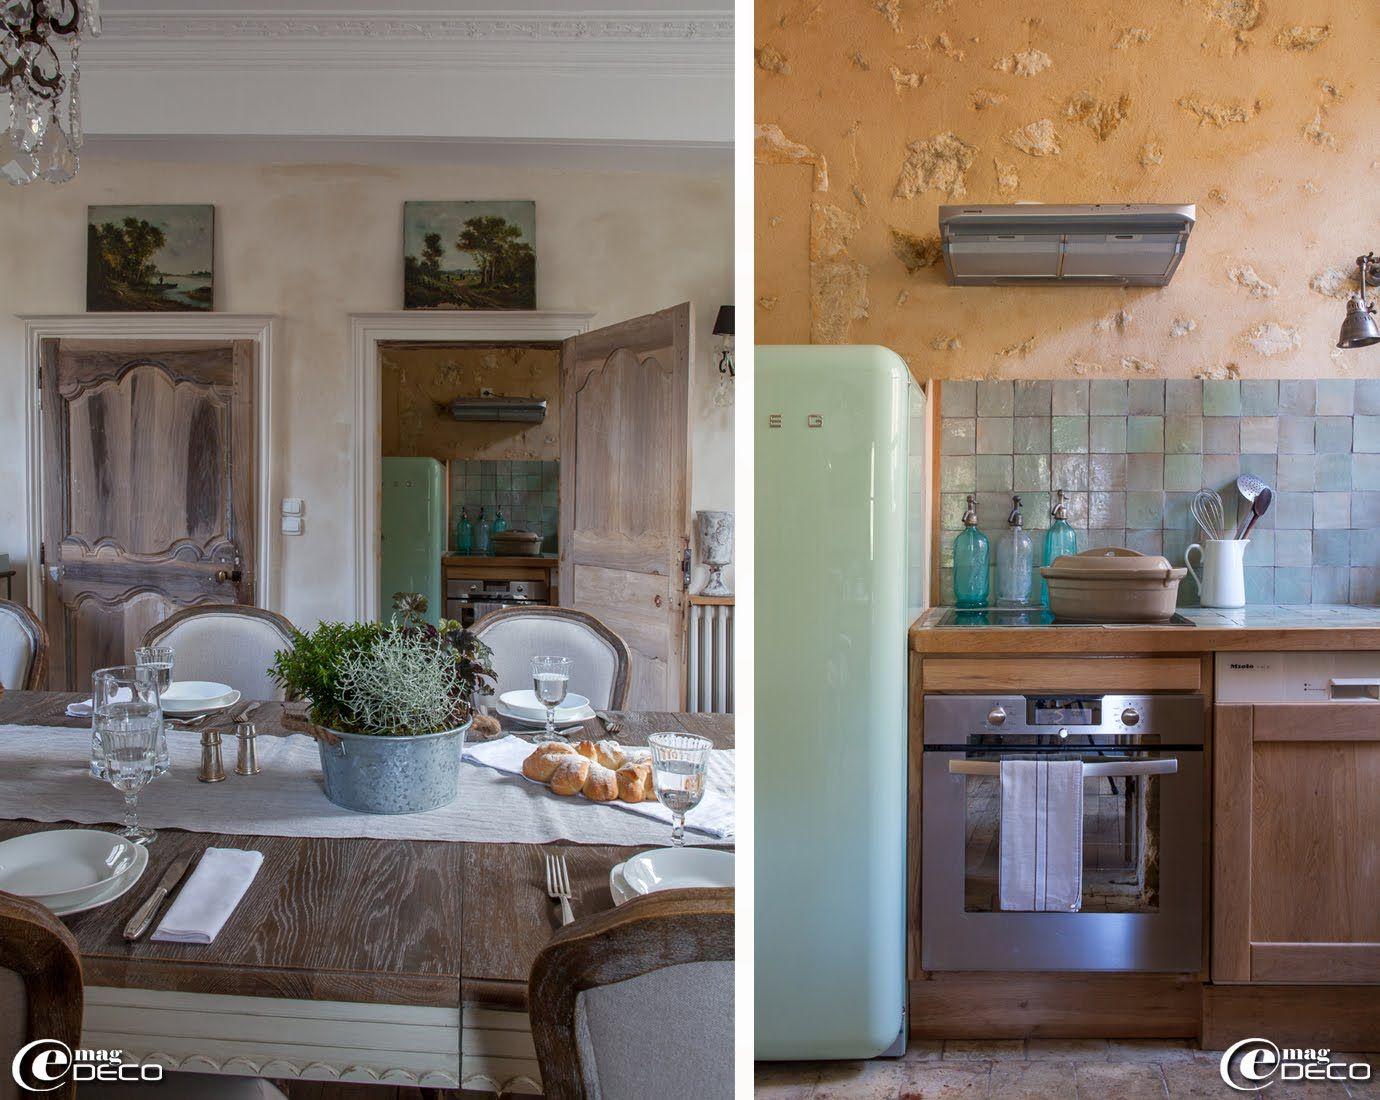 Vert Maison Appartement D'eauDéco Smeg Terre Et F1JcTlK